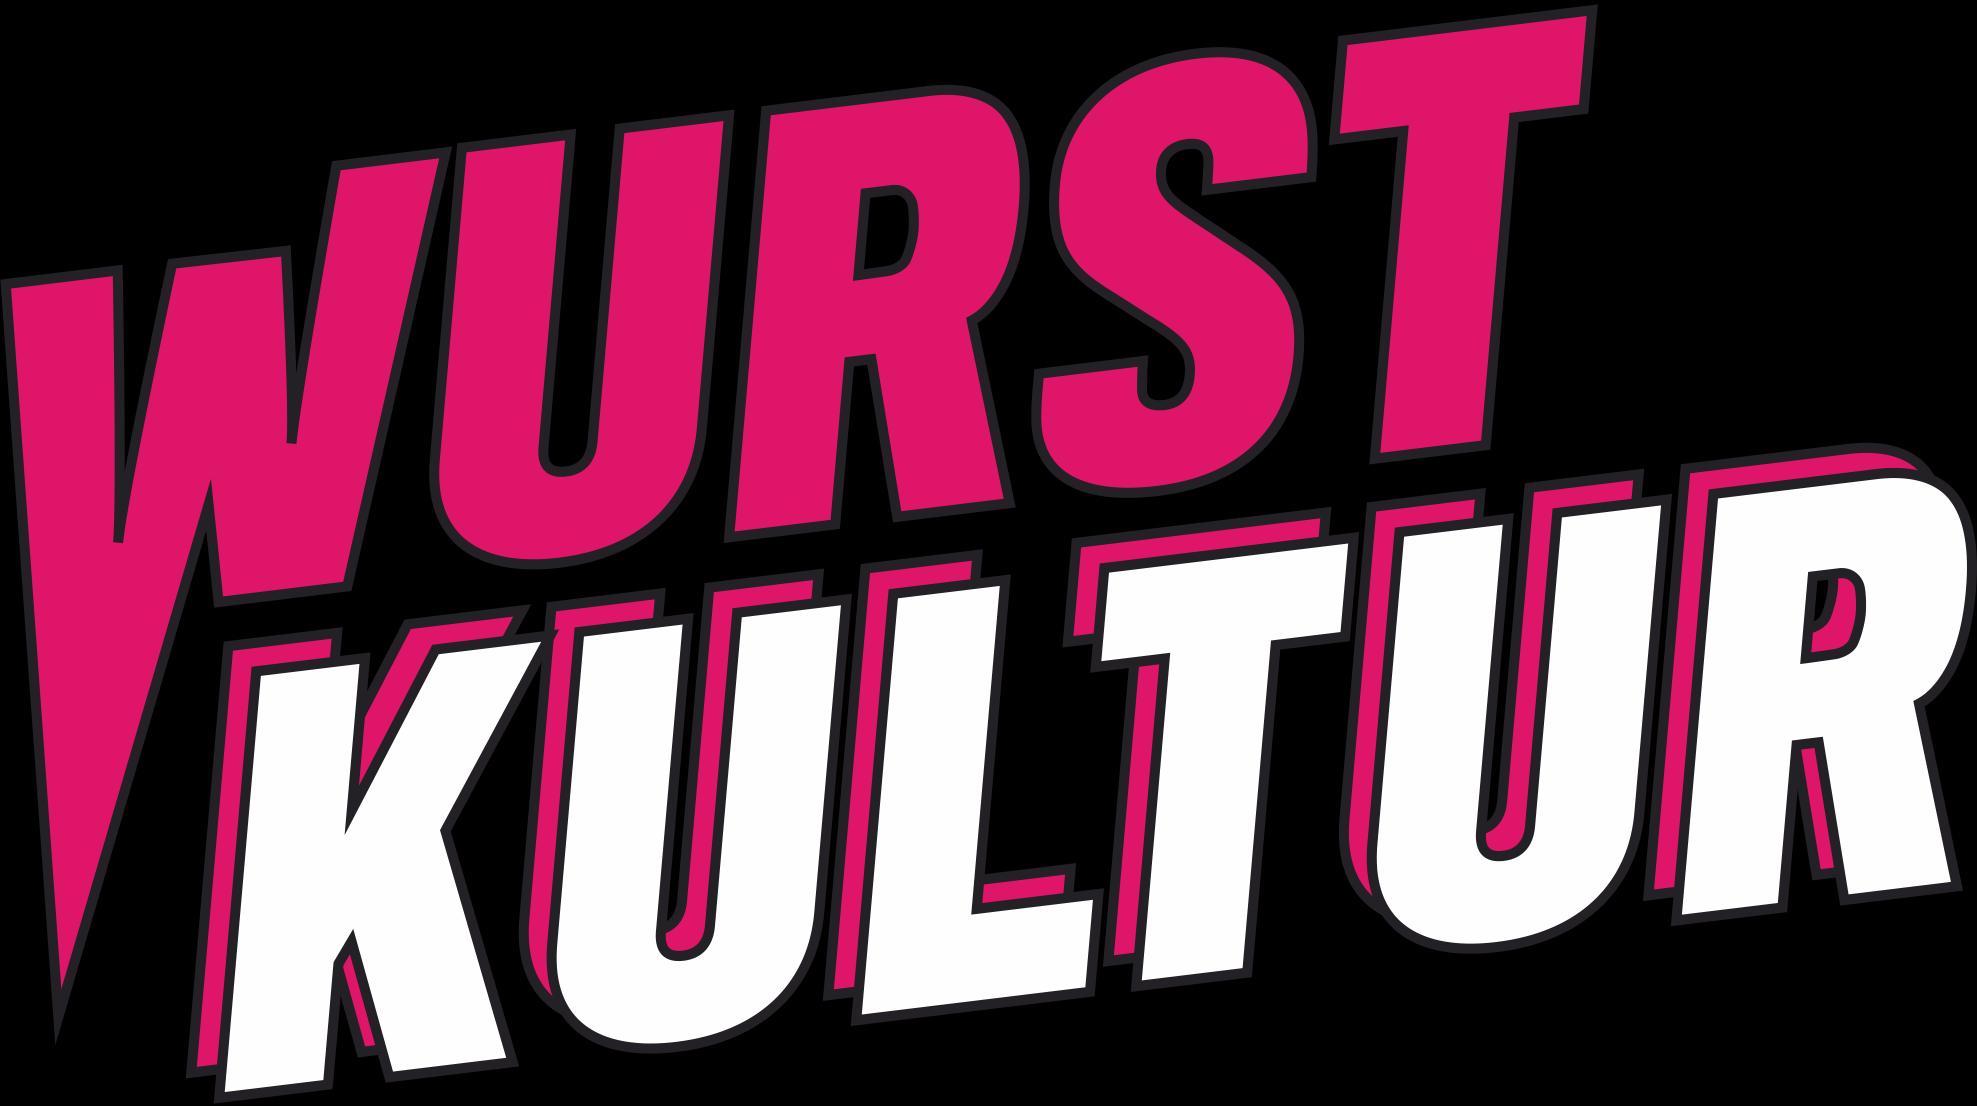 wurstkultur-online.de